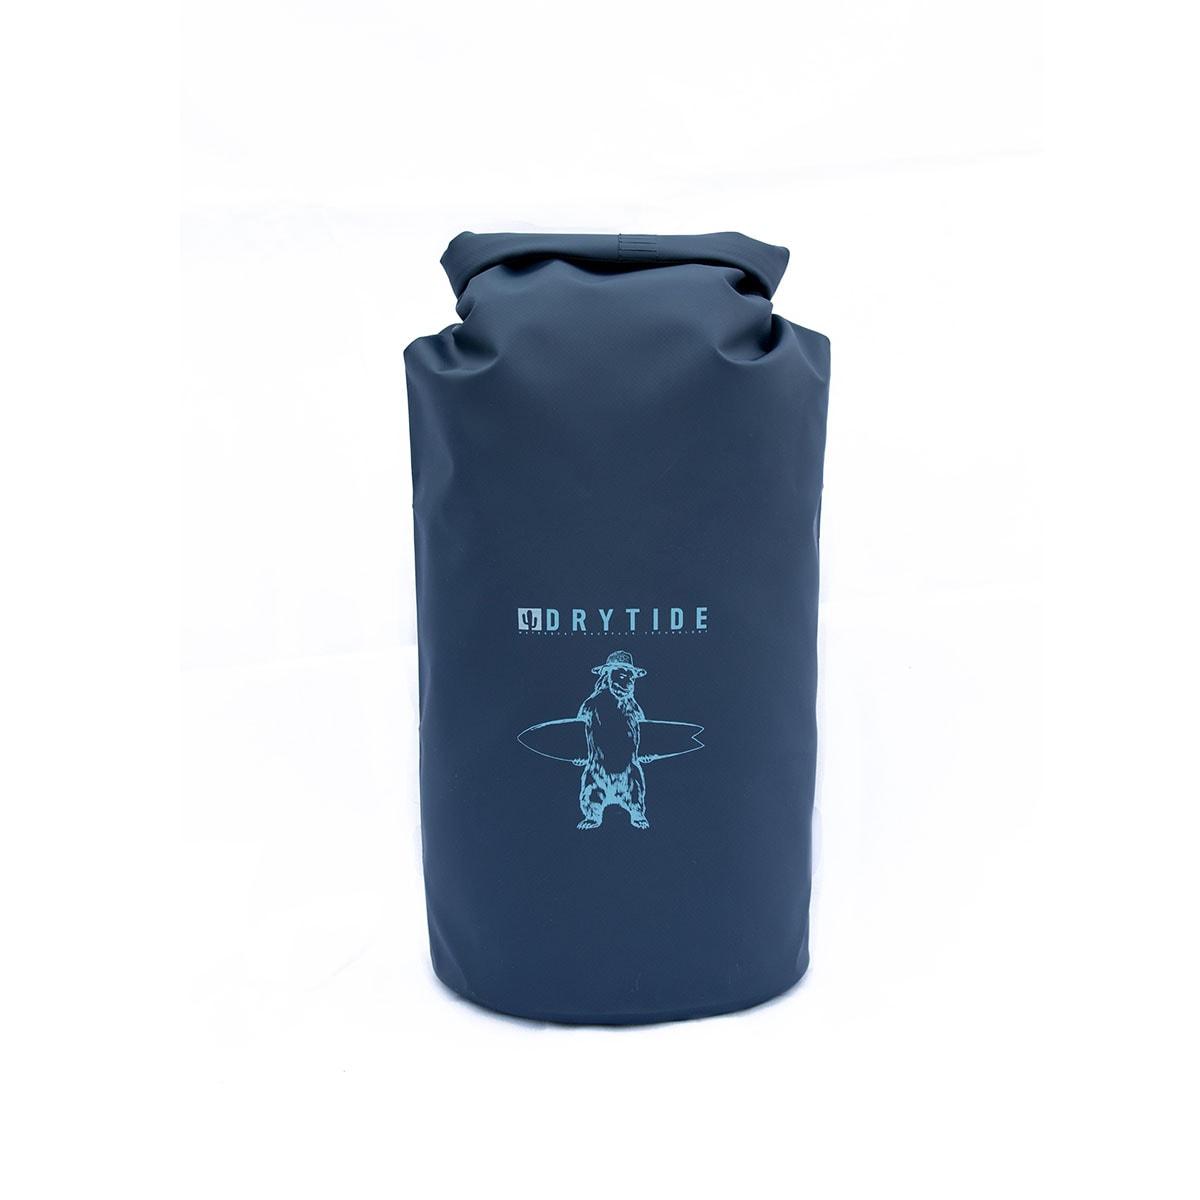 15liter_DryTide_drybag_bear